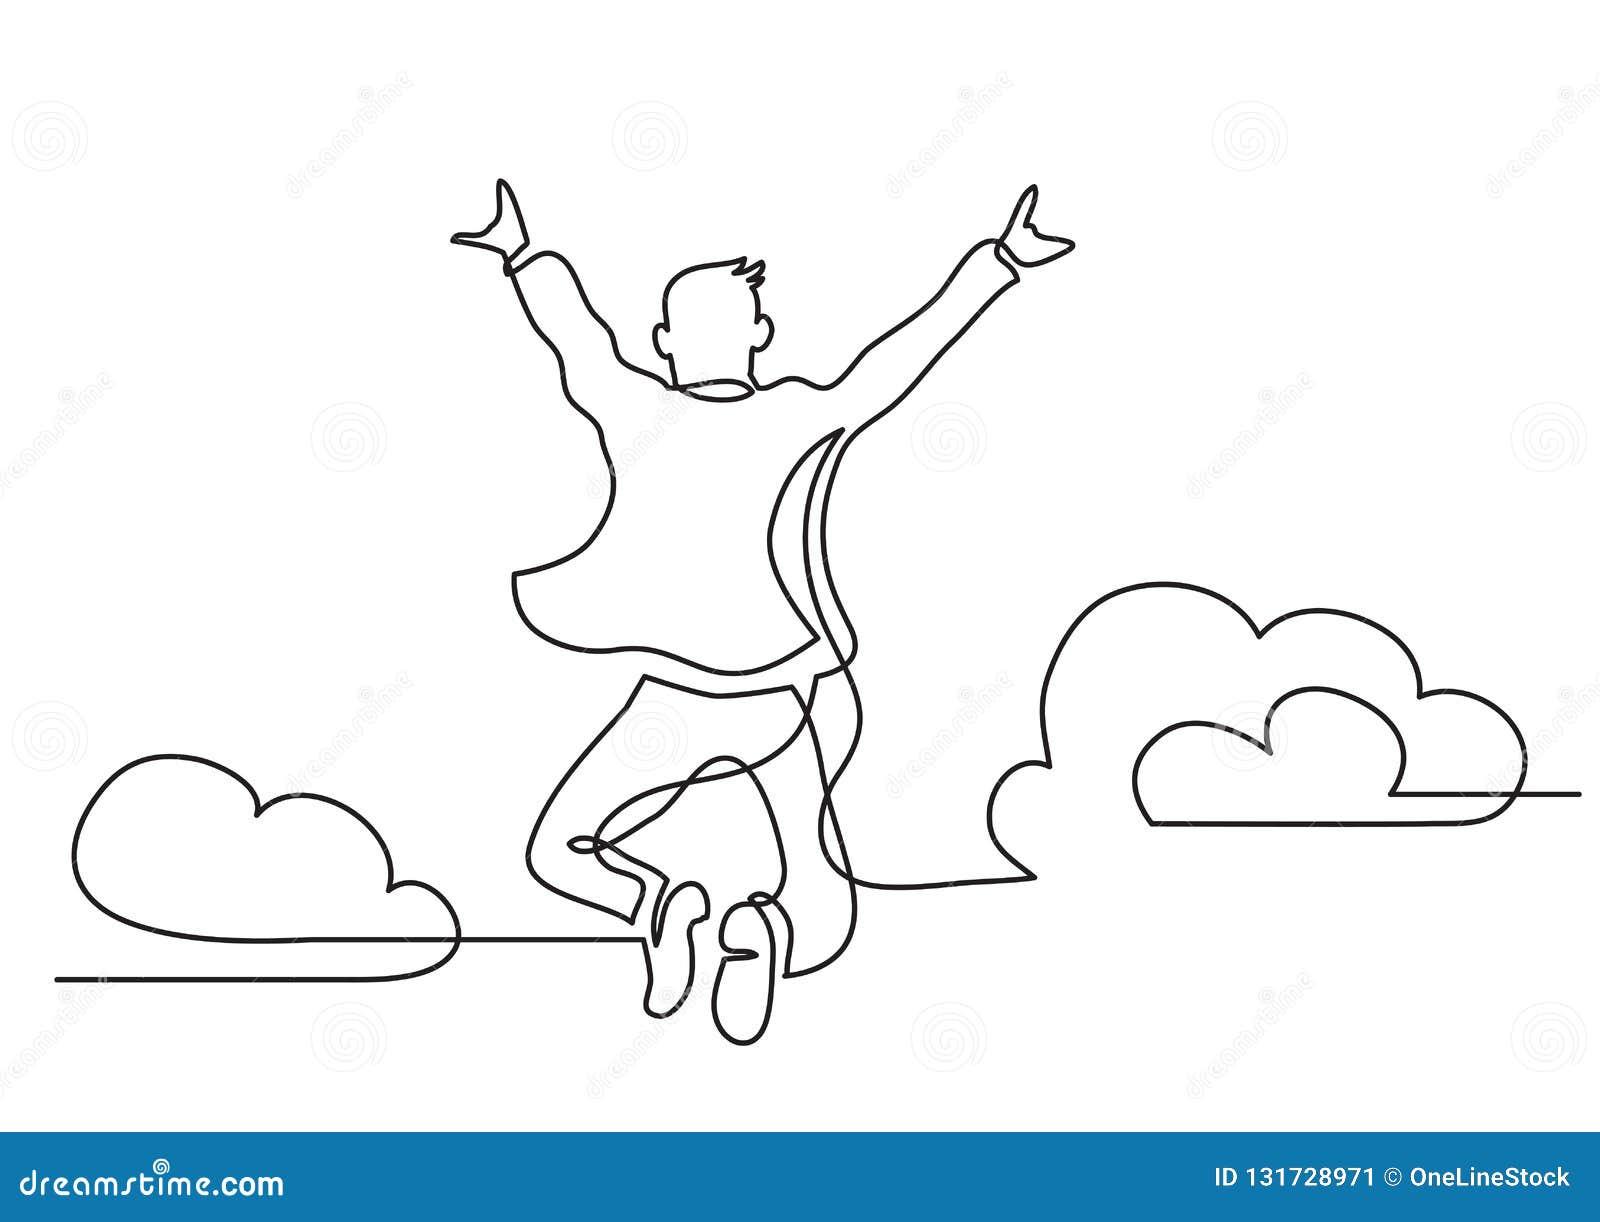 Un dibujo lineal de las nubes más altas de salto del hombre feliz